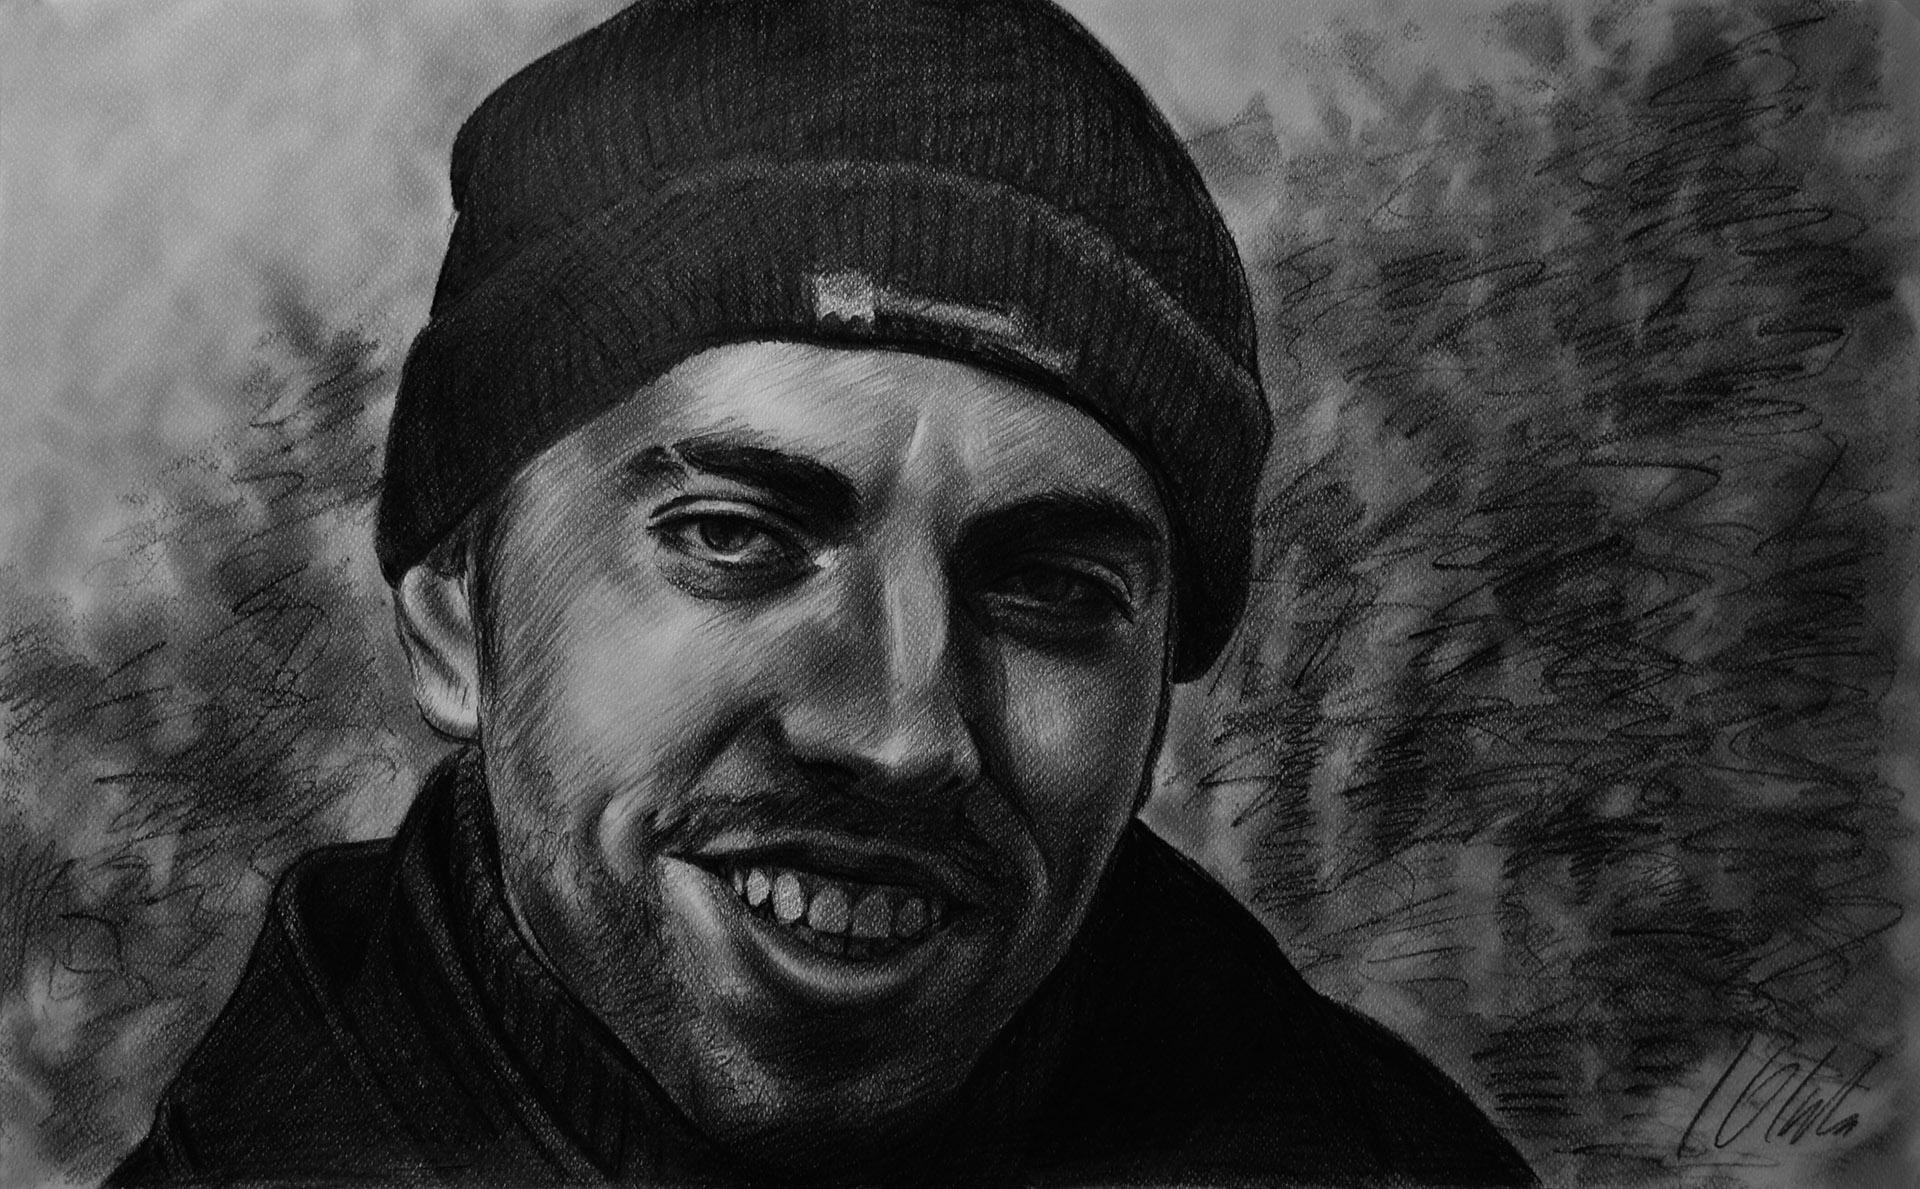 Pablo. Javier Olmedo, retrato en grafito, 2013